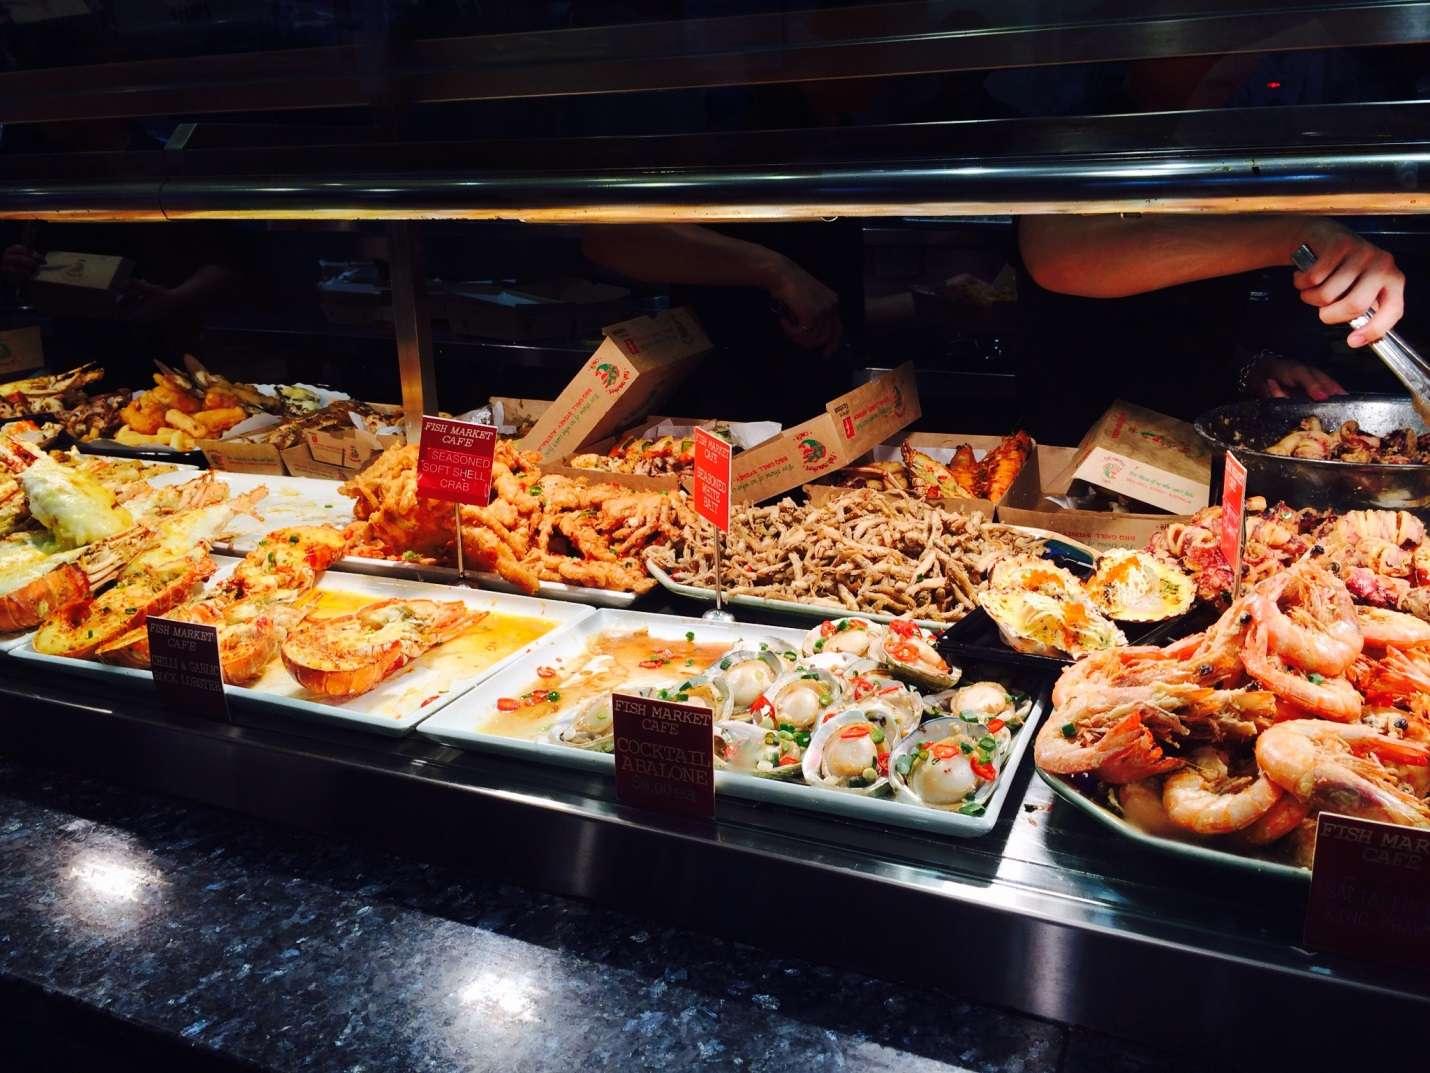 Qua quầy bán hải sản đã chế biến, bạn sẽ không thể nào cưỡng lại được sức hút của các món ăn ngon dọc lối đi